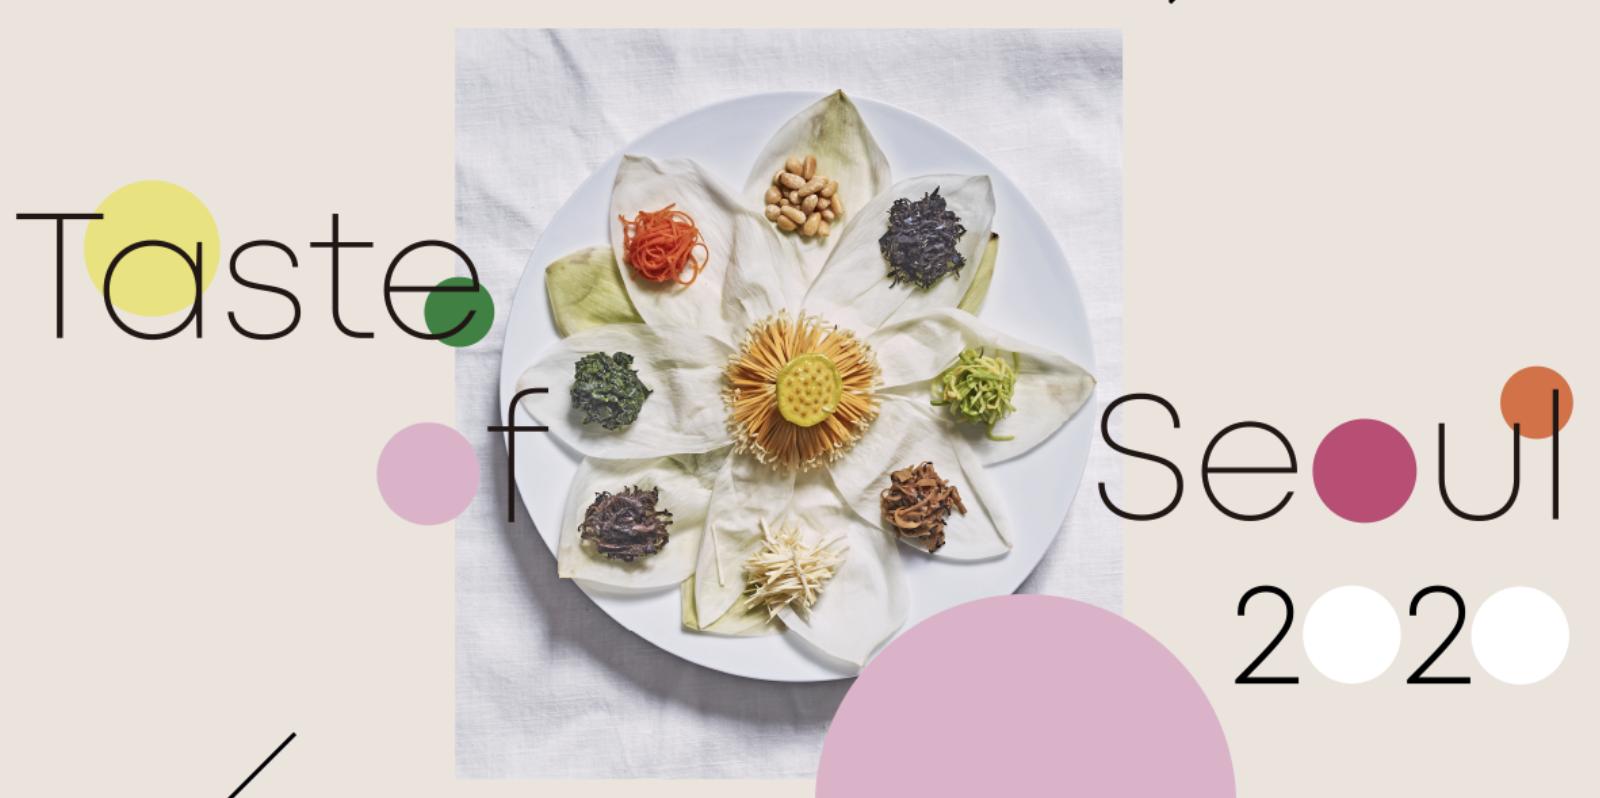 taste of seoul 로고